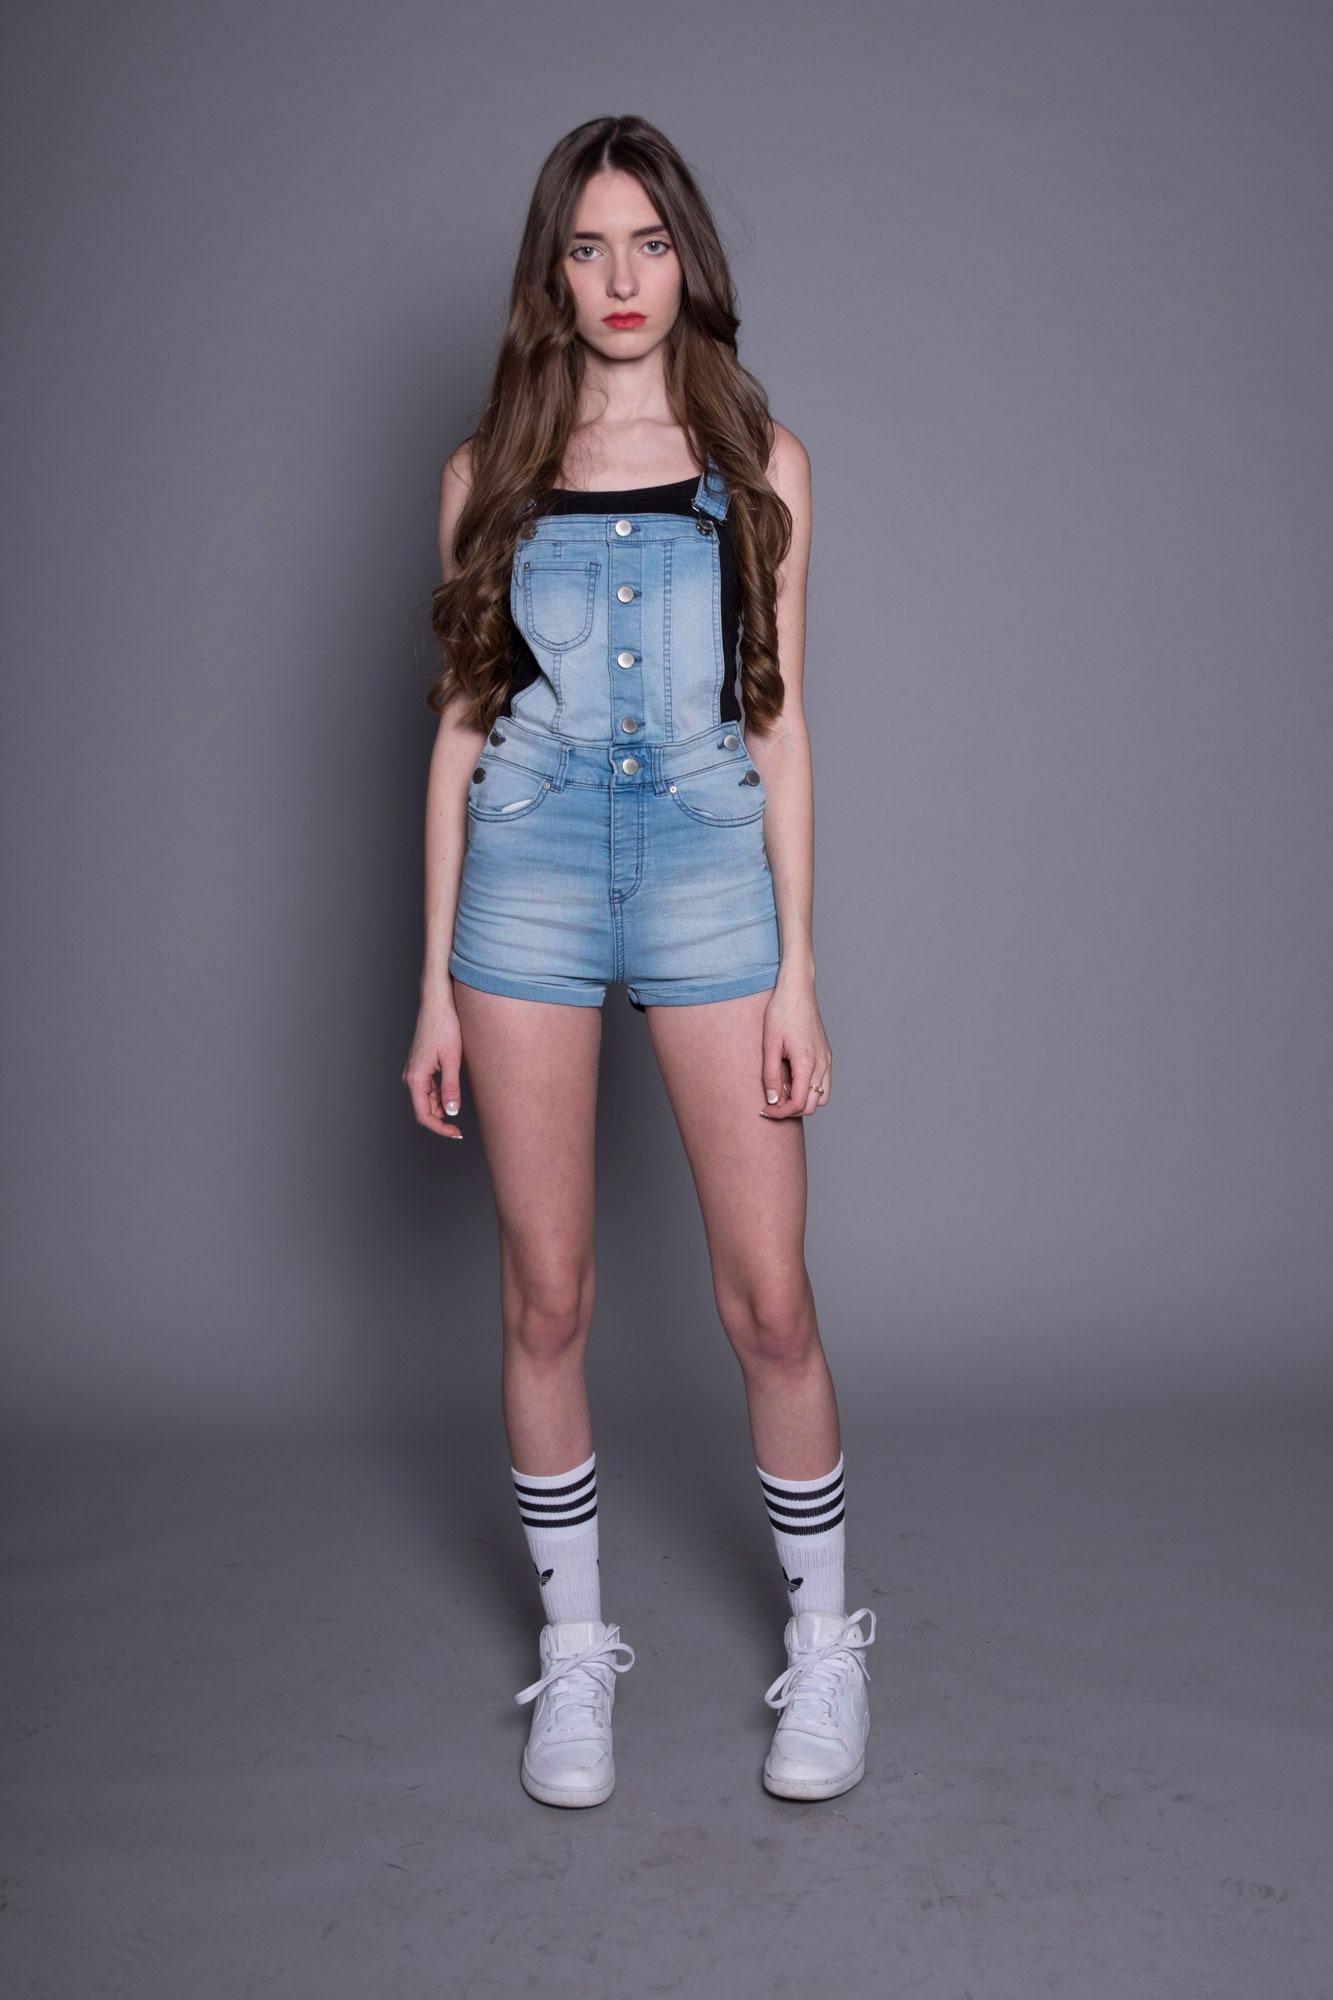 Alessia S.- Creative Models - Agenzia di Modelle Brescia - 19